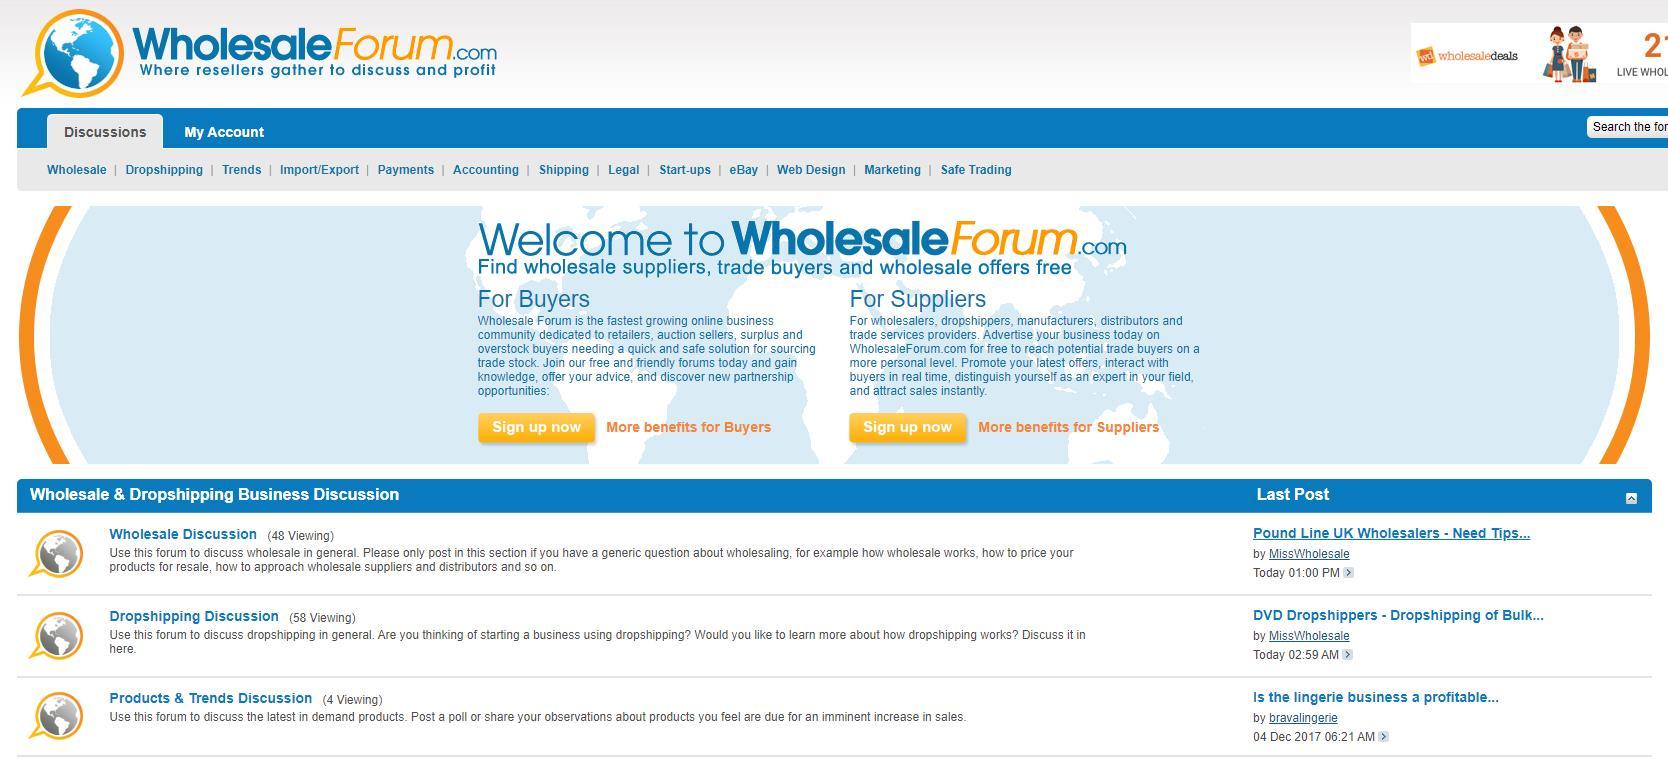 wholesaleforum